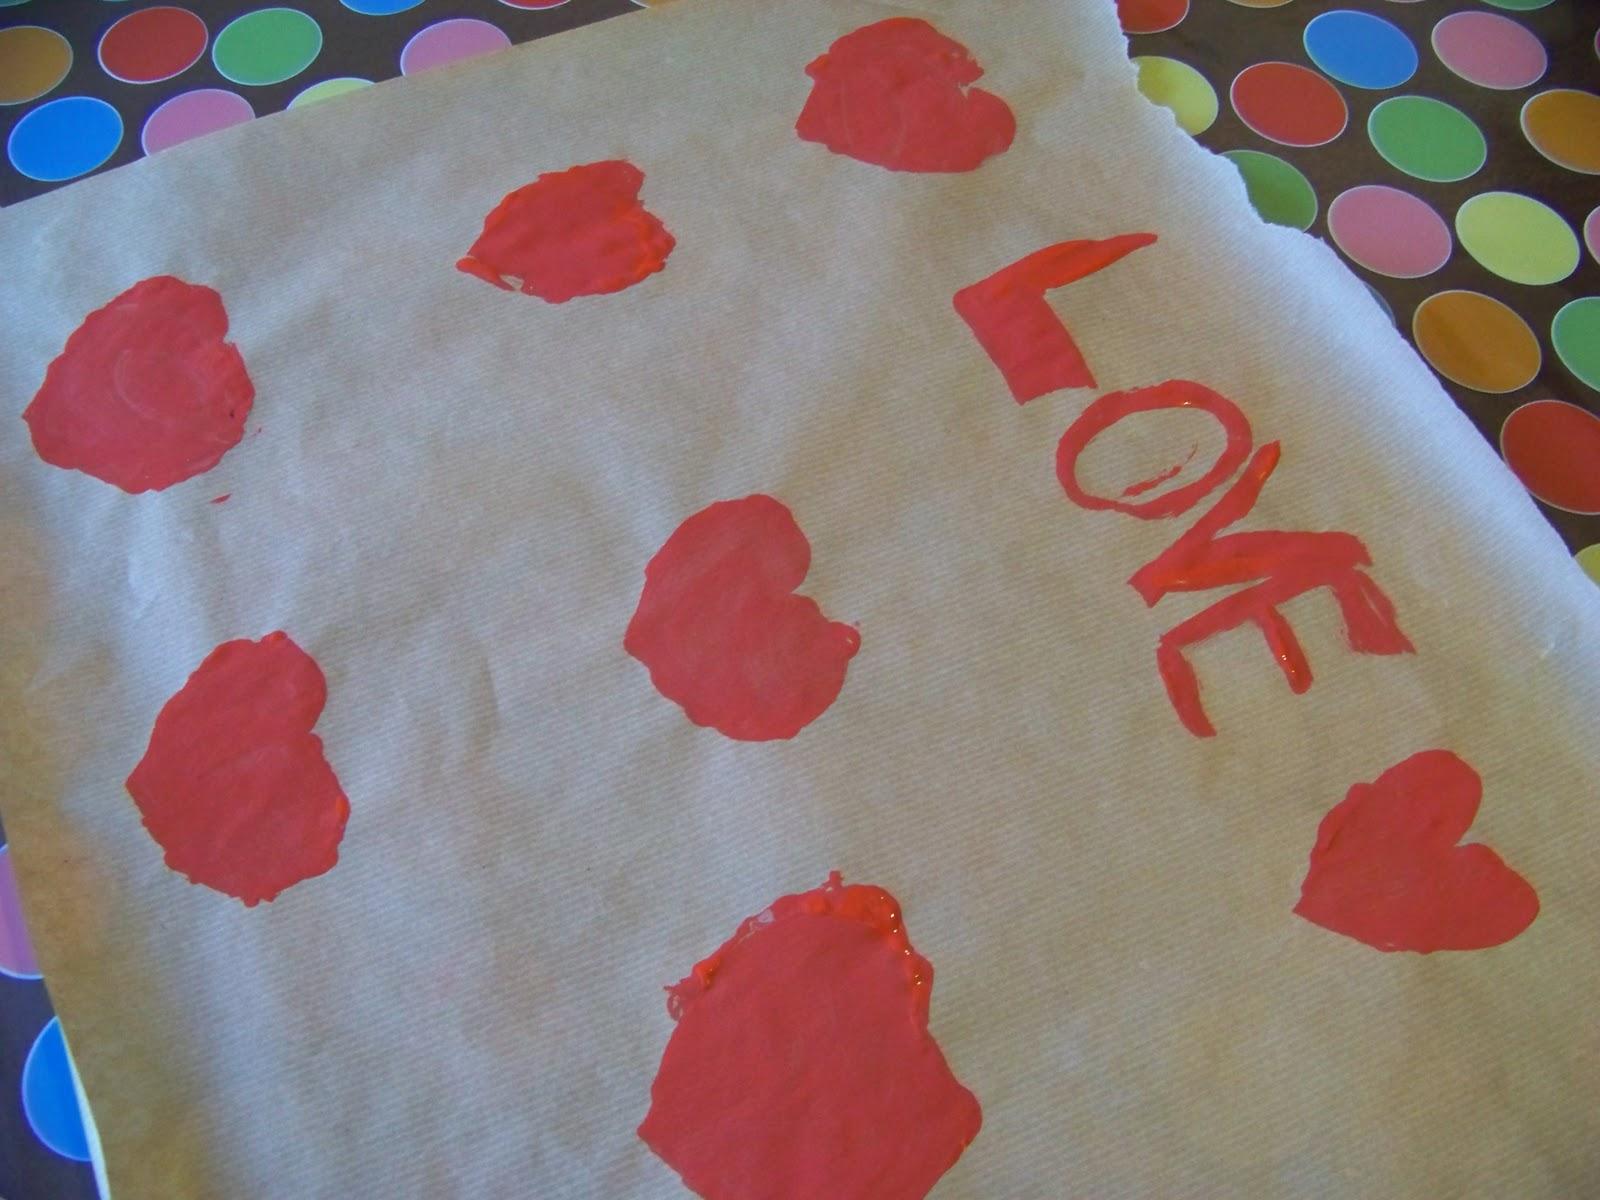 Mamma giochiamo lavoretti per san valentino carta - Decorazioni san valentino fai da te ...